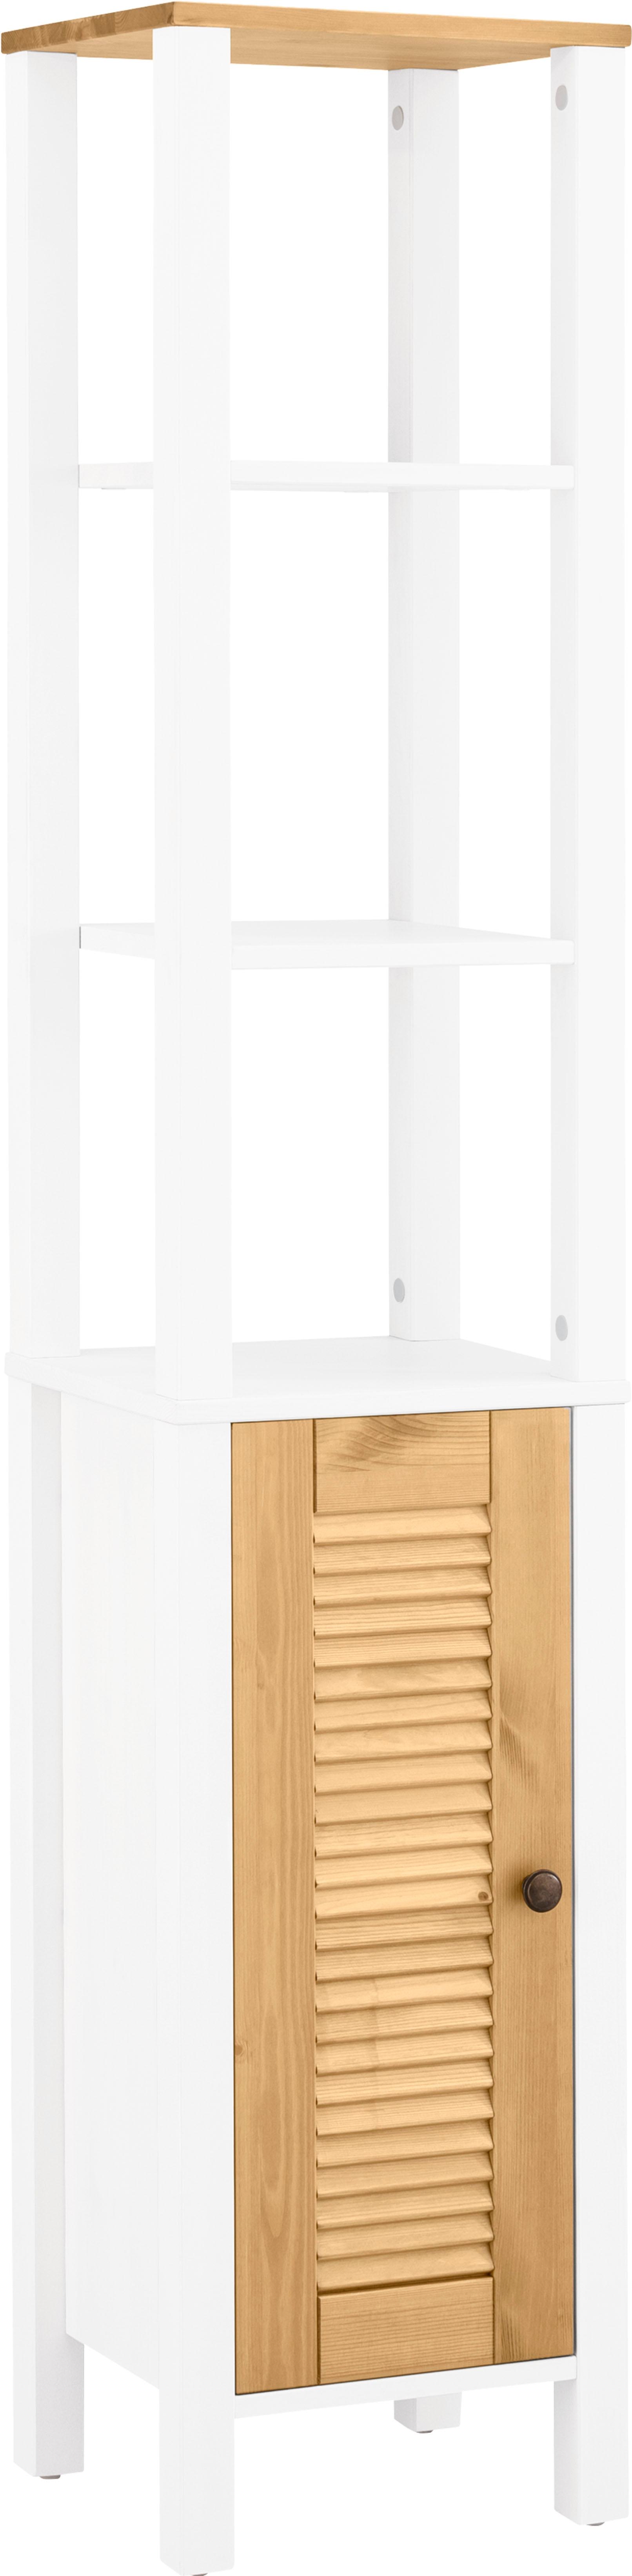 Home affaire Hochschrank »Ayanna«, aus Massivholz, Breite 33 cm günstig online kaufen